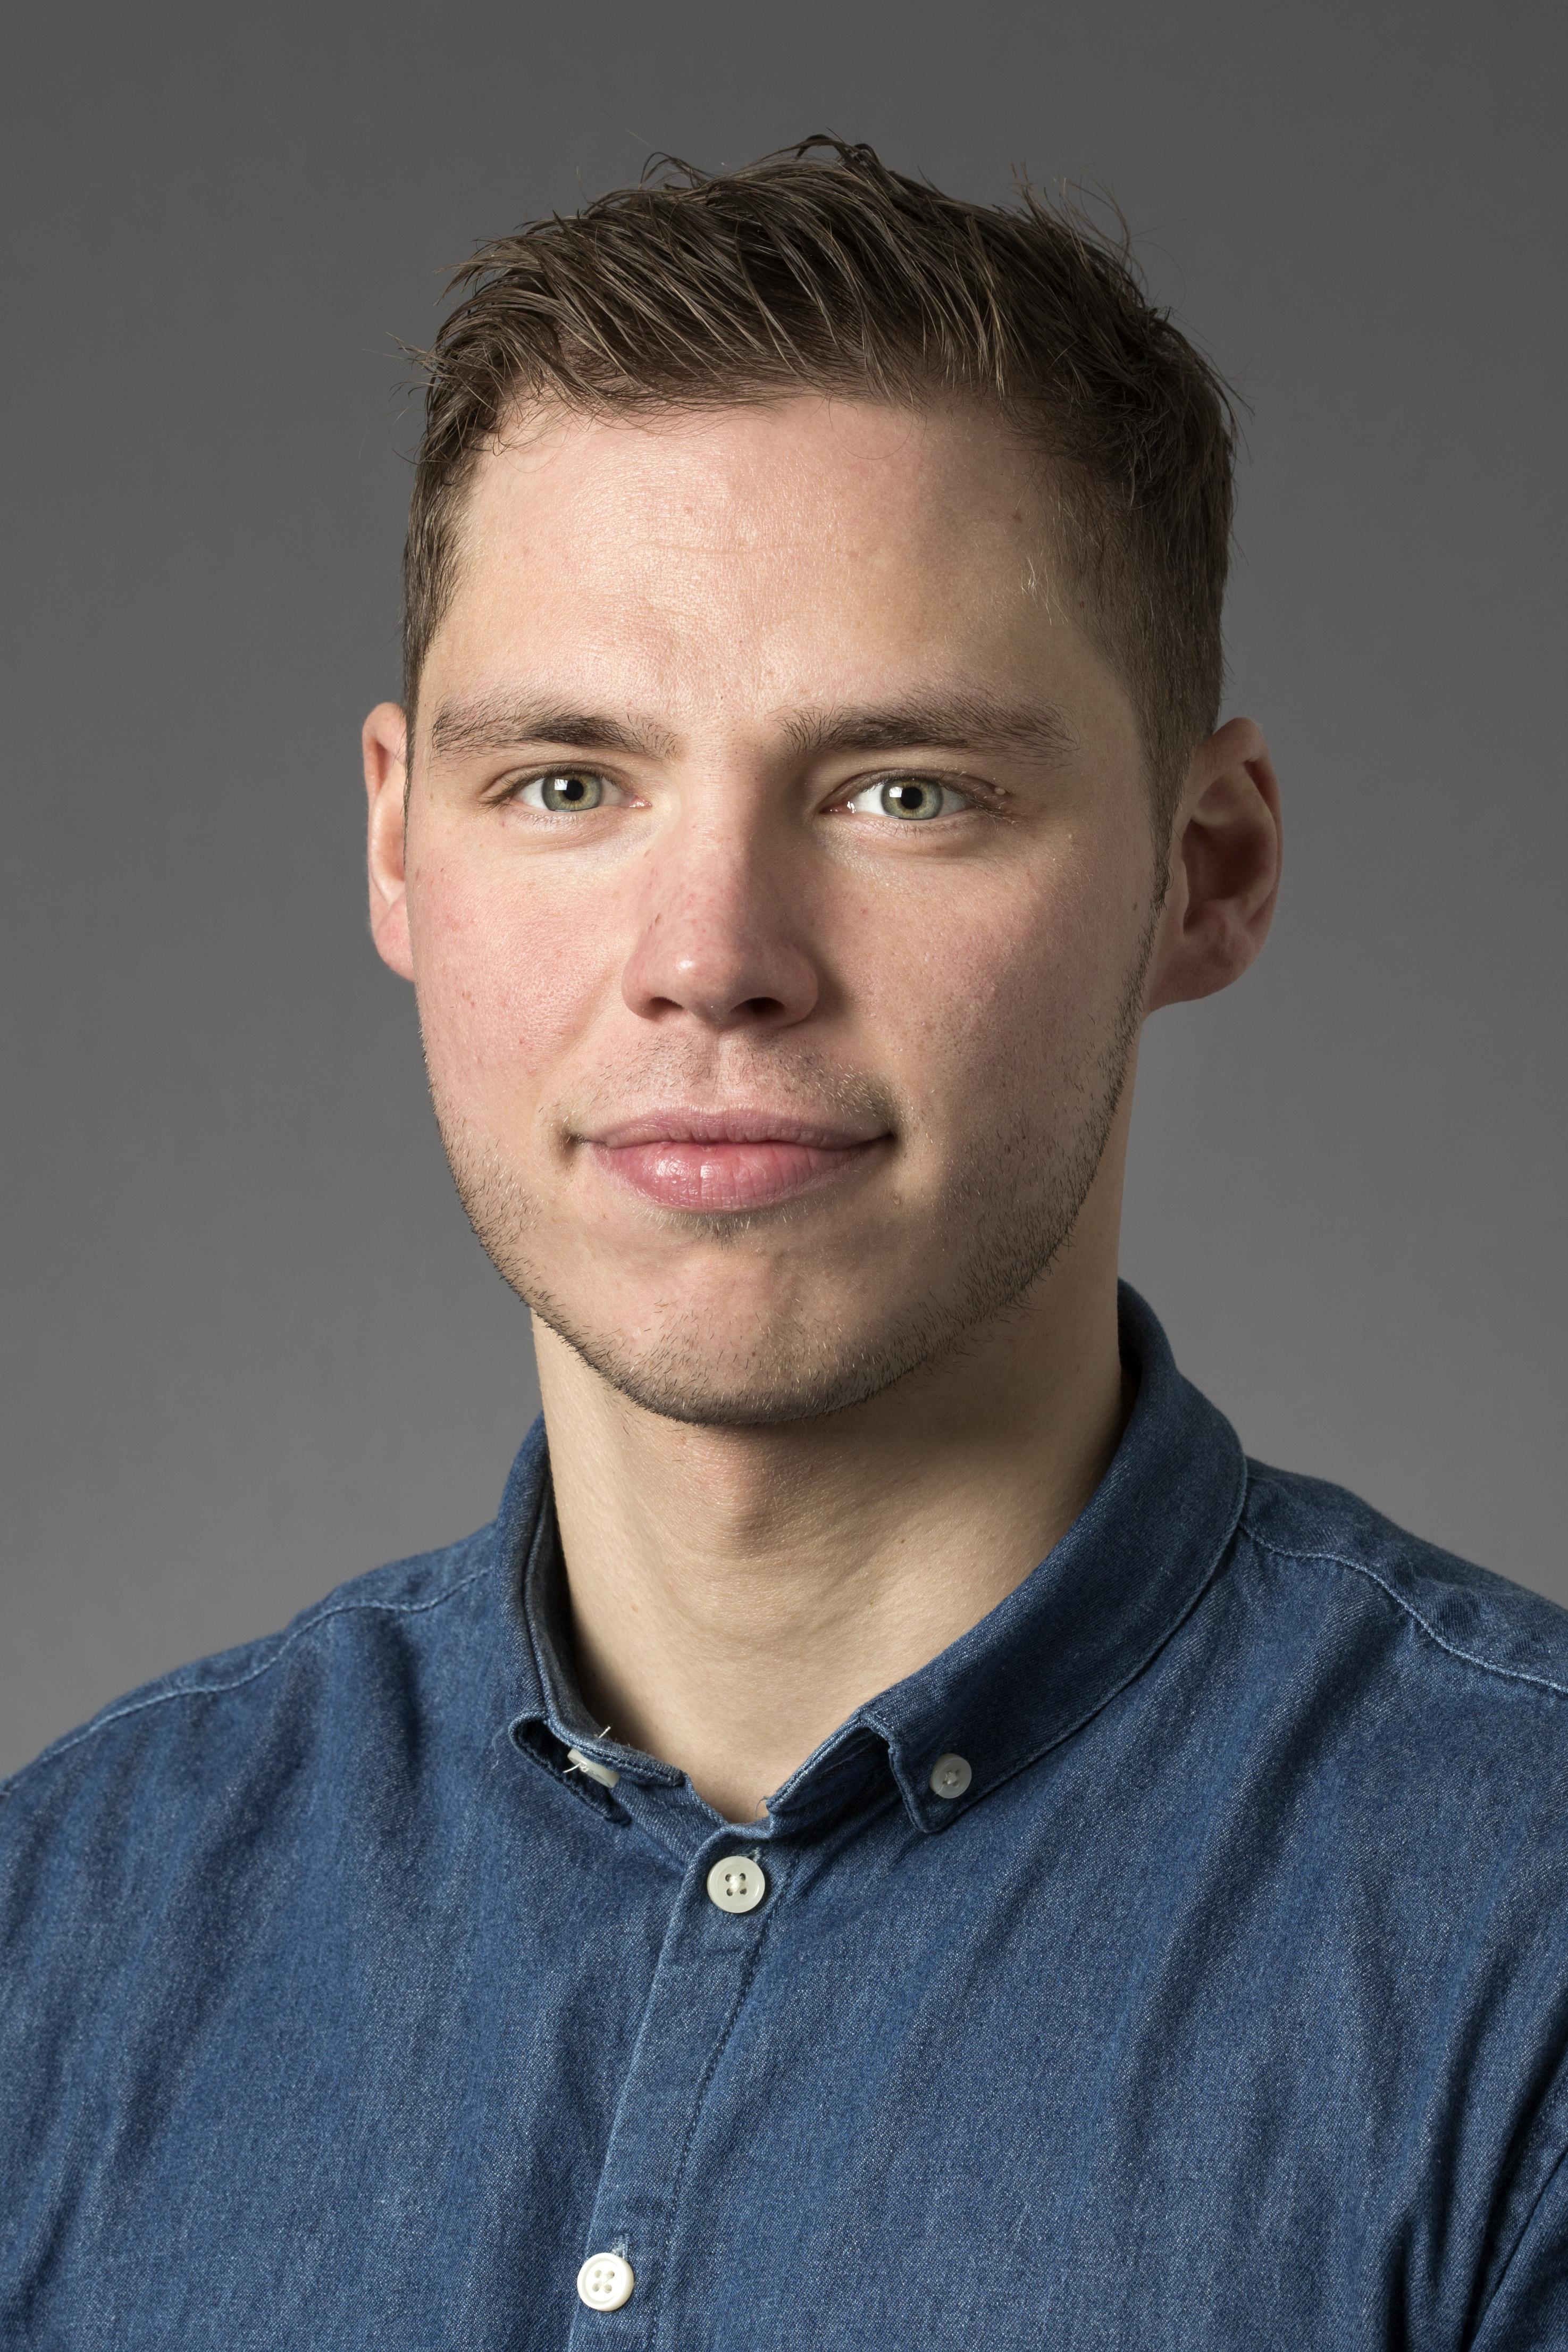 Christian Ravn Olesen